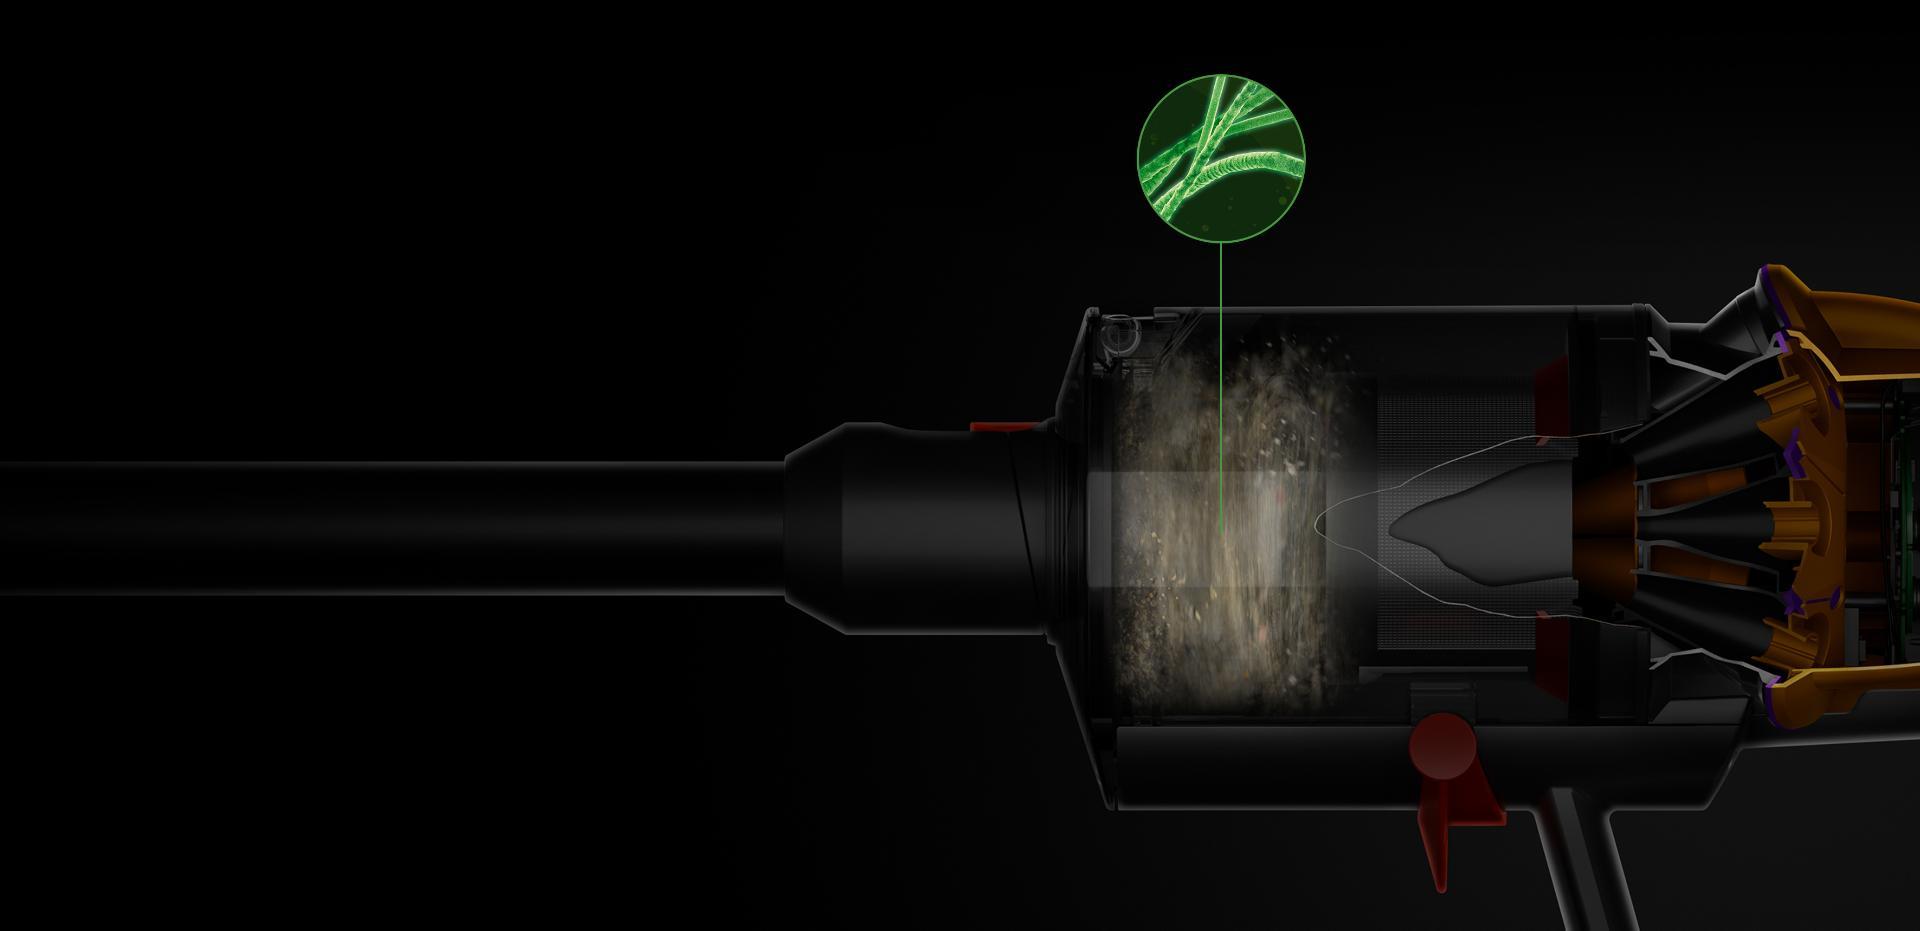 Mặt cắt của luồng xoáy ống chứa bụi